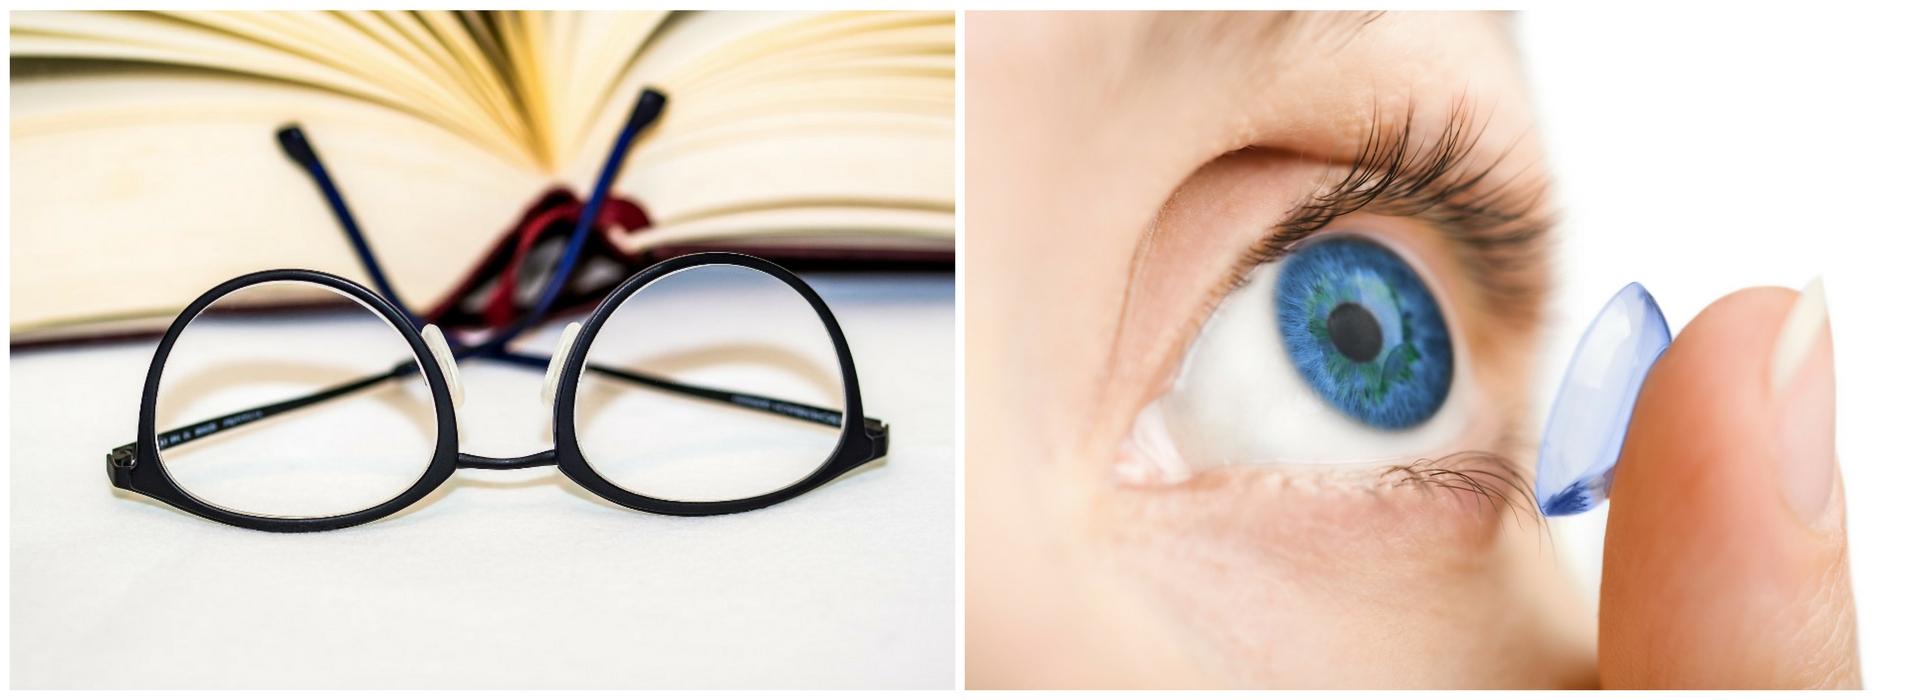 montature occhiali e lenti a contatto